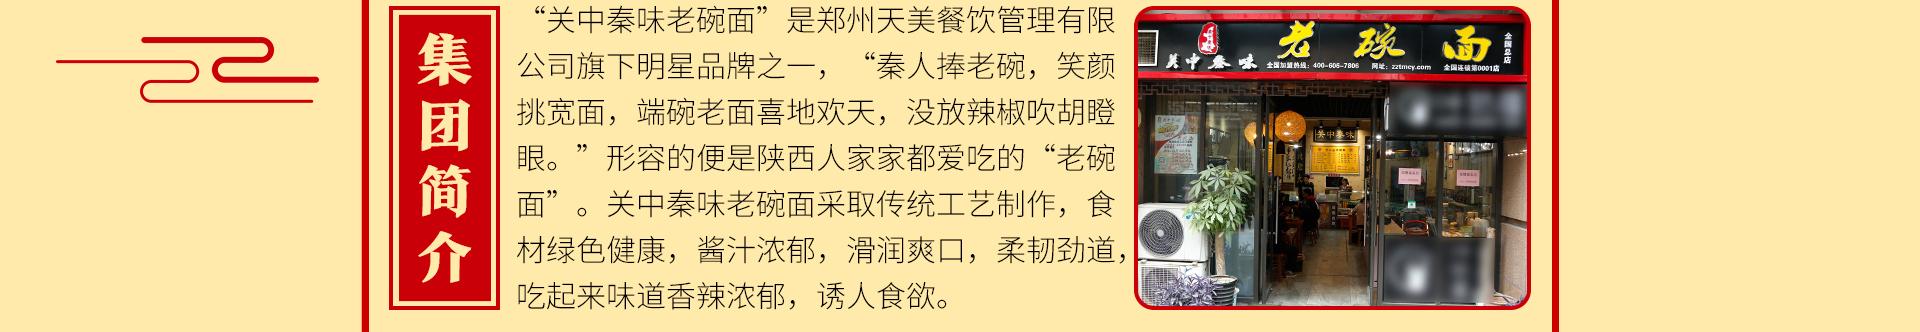 关中秦味老碗面gzqw_07